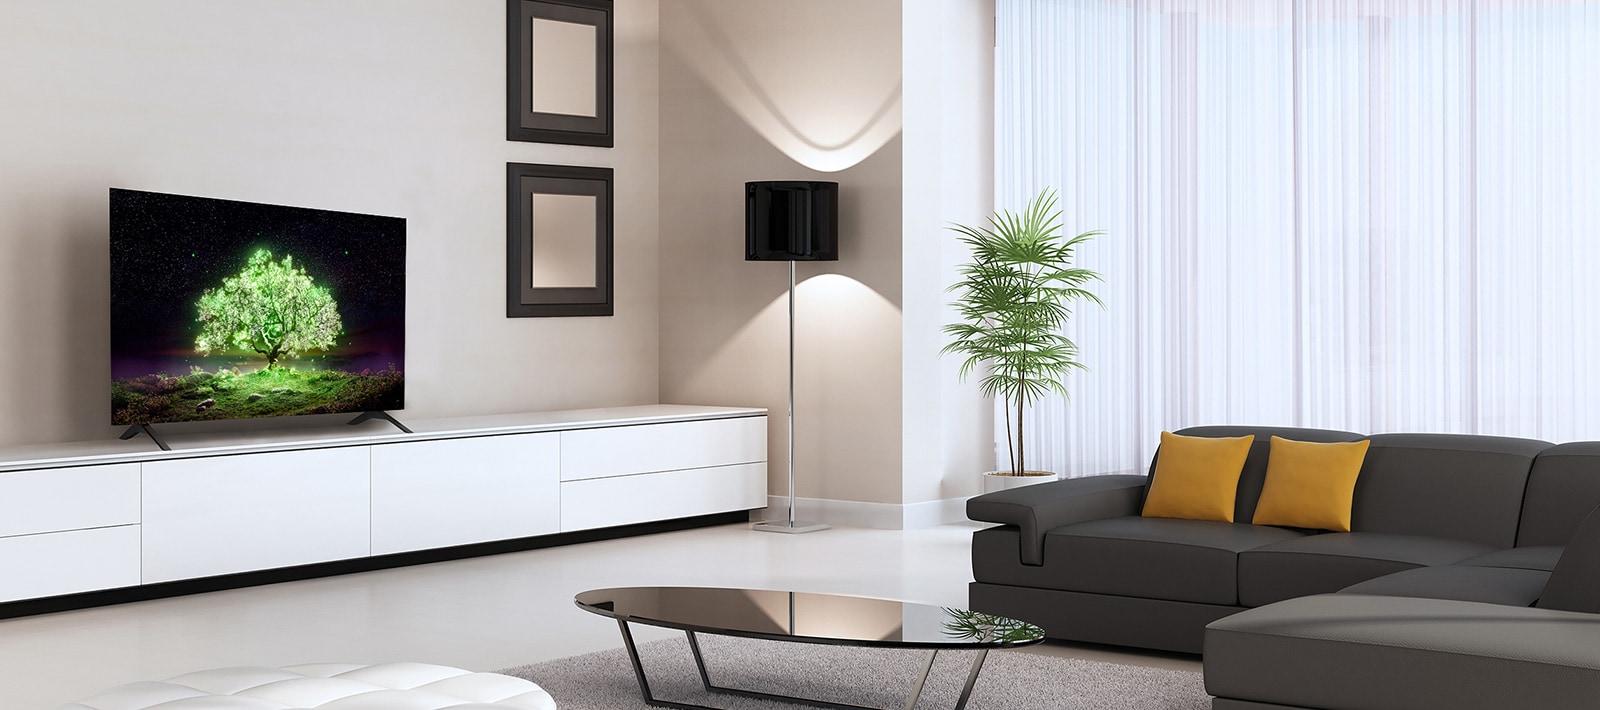 Televizor OLED A1 je v atmosferi dnevne sobe. Na televiziji je mogoče videti sliko svetlečega drevesa.